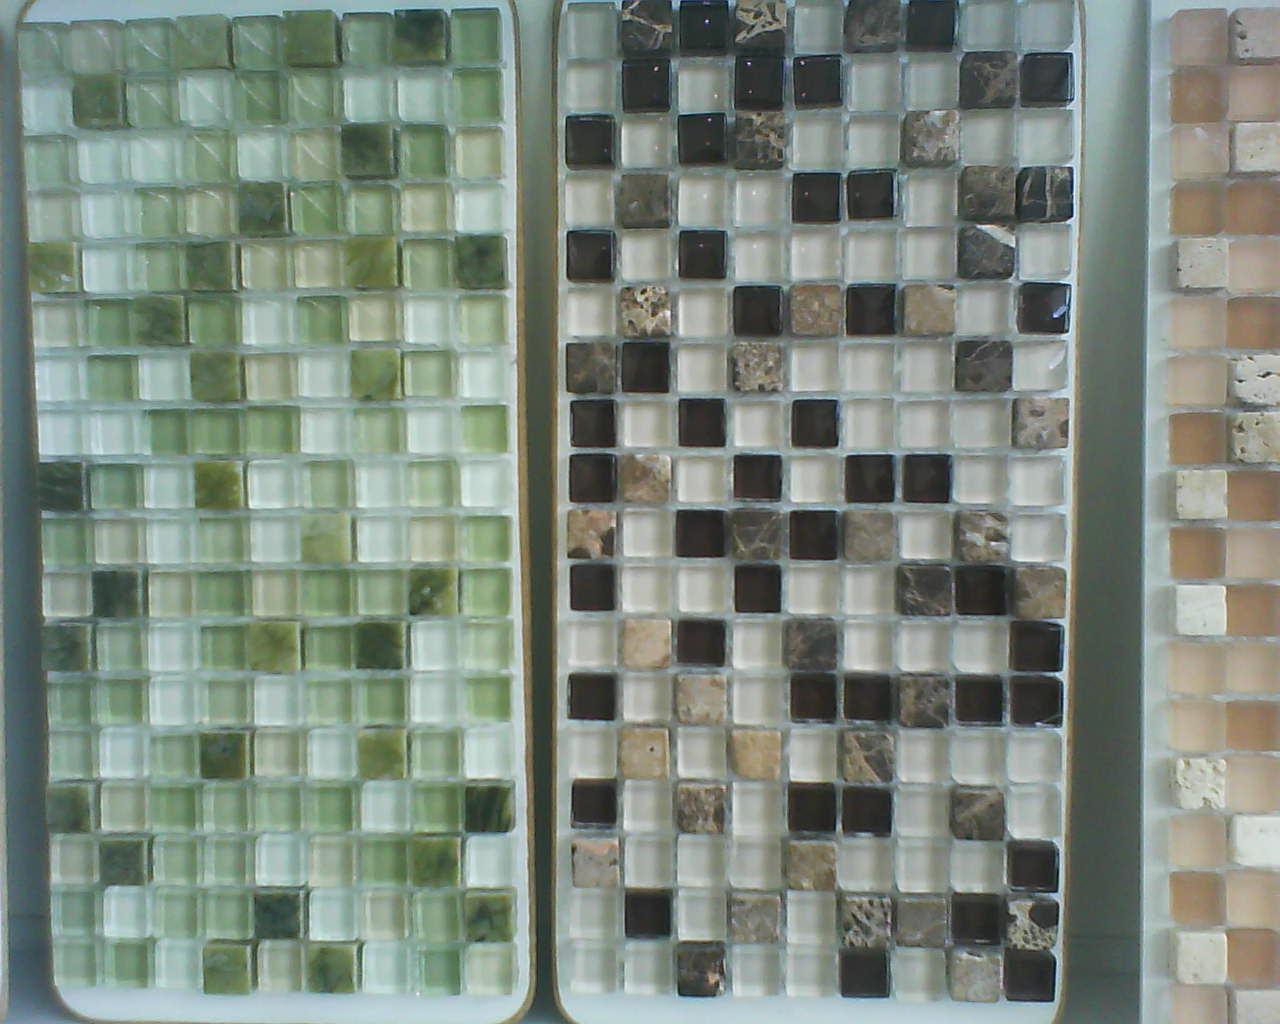 Pastilhas de vidro sortidas para o banheiro da suite/social #756956 1280x1024 Acabamento De Banheiro Com Pastilhas De Vidro